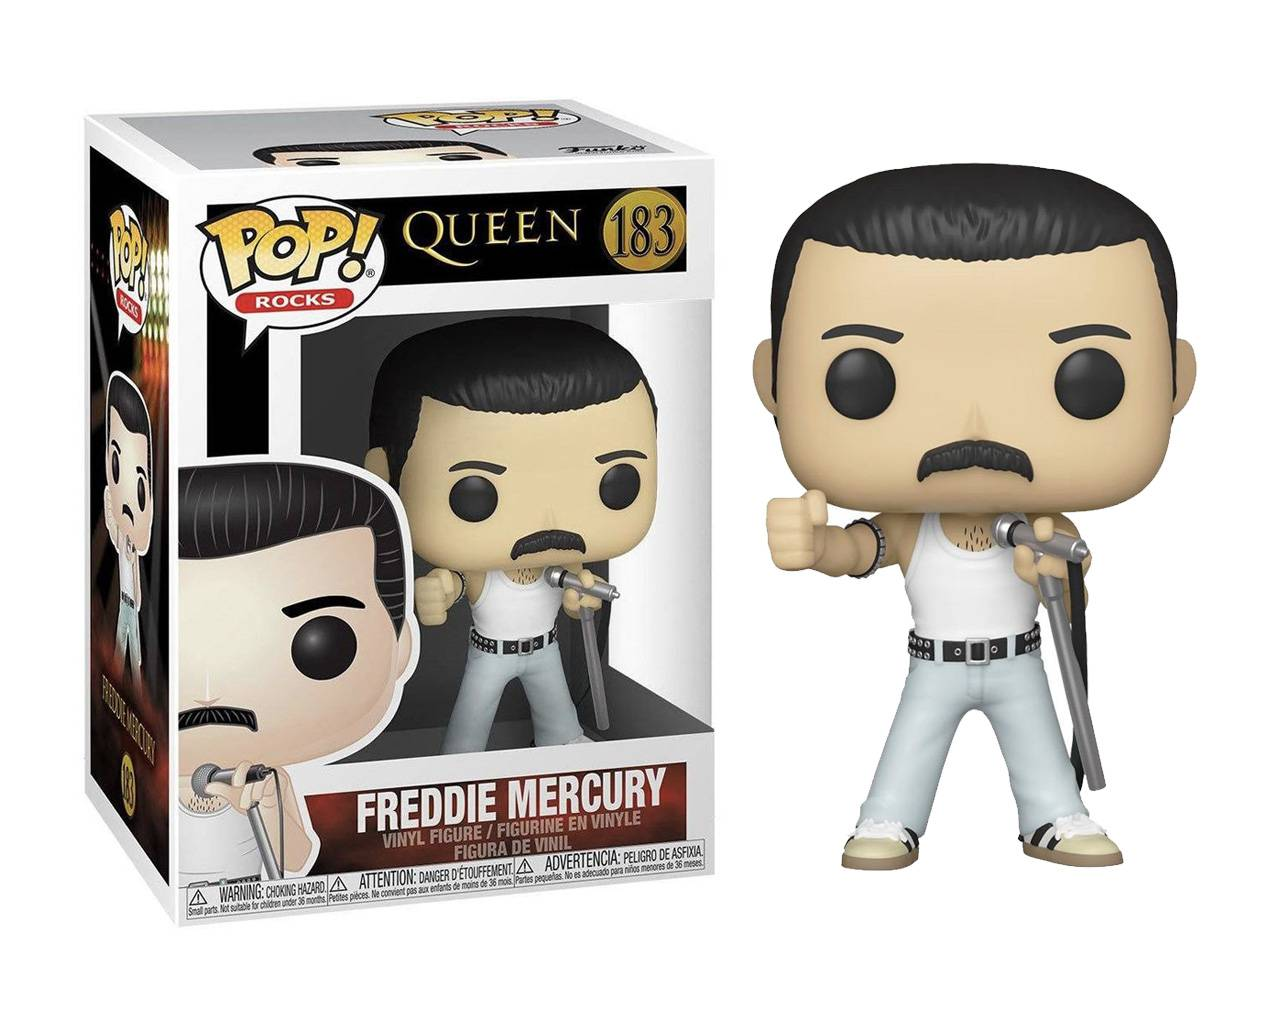 Freddie Mercury (Live Aid) Pop! Vinyl